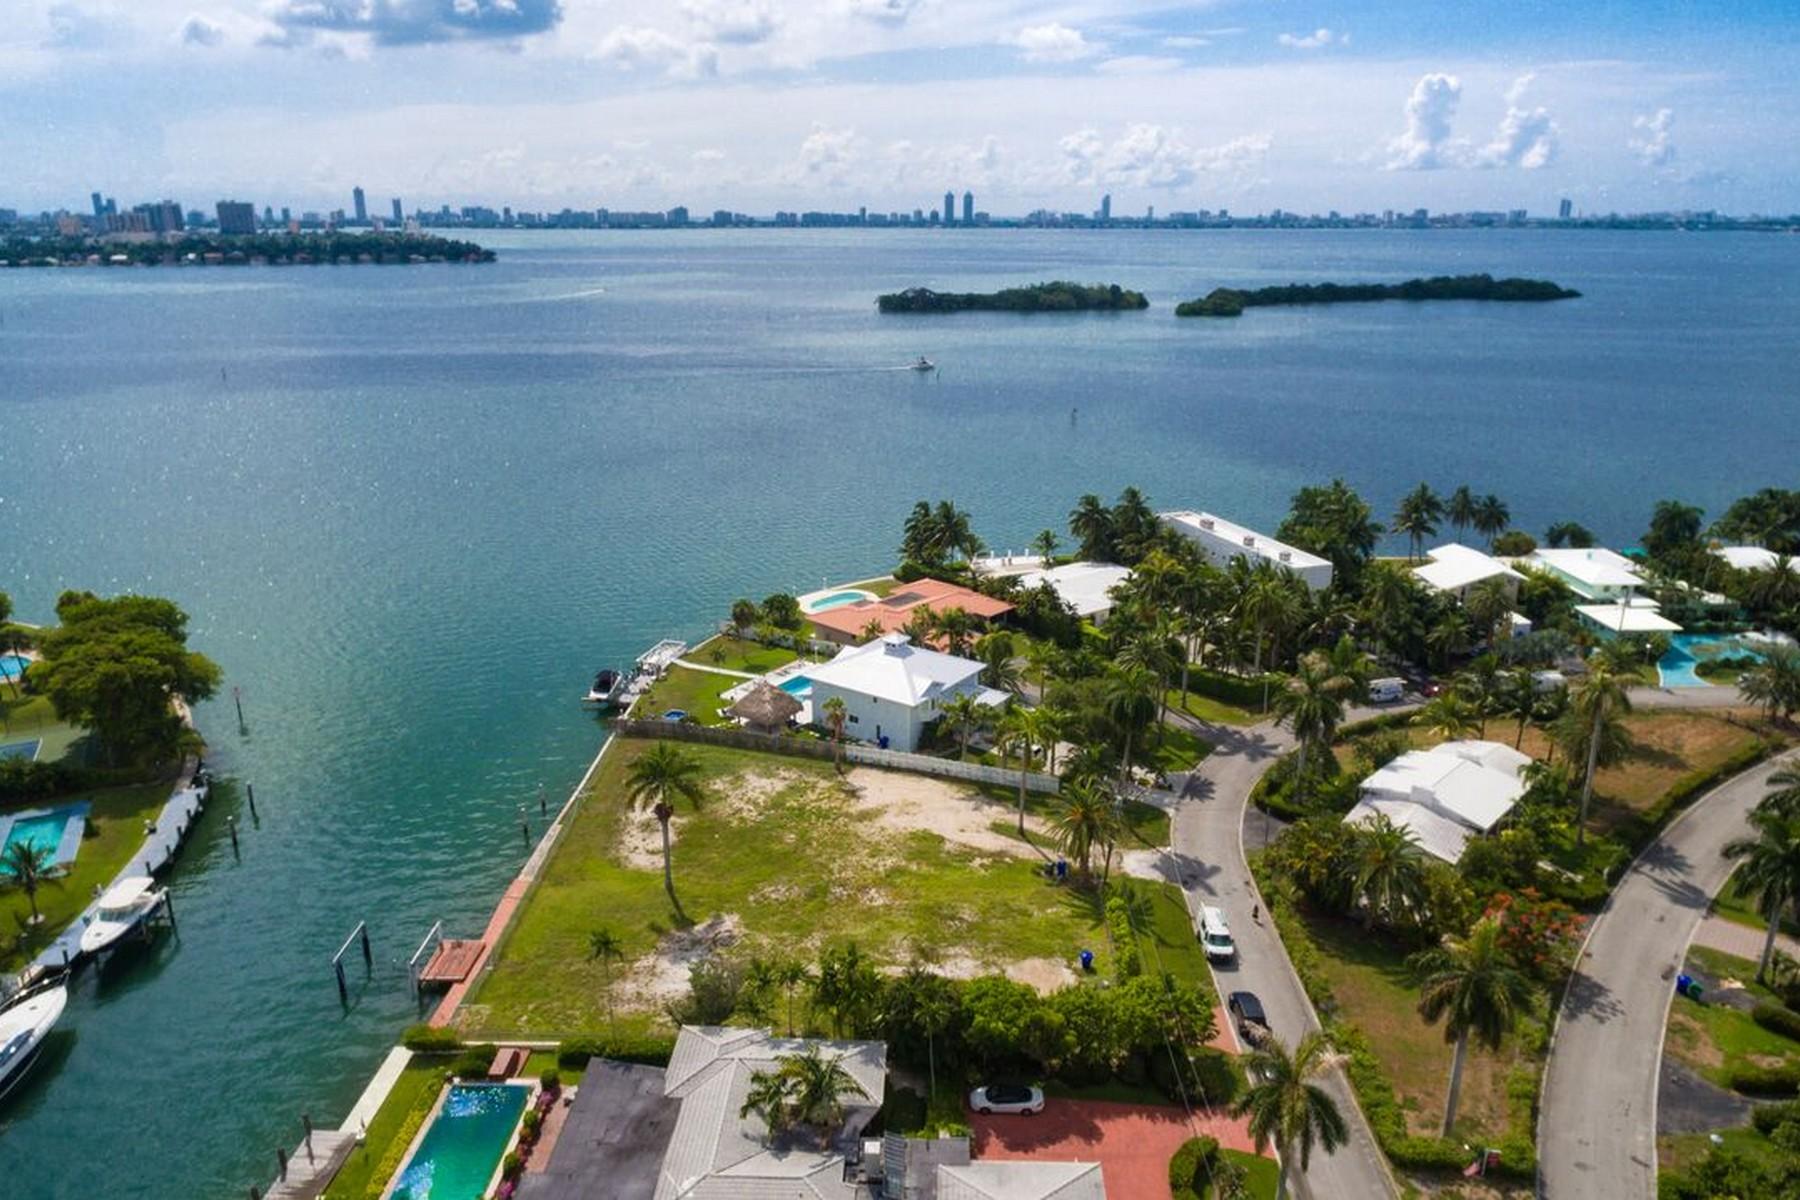 Đất đai vì Bán tại 1125 Belle Meade Island Drive Miami, Florida 33138 Hoa Kỳ